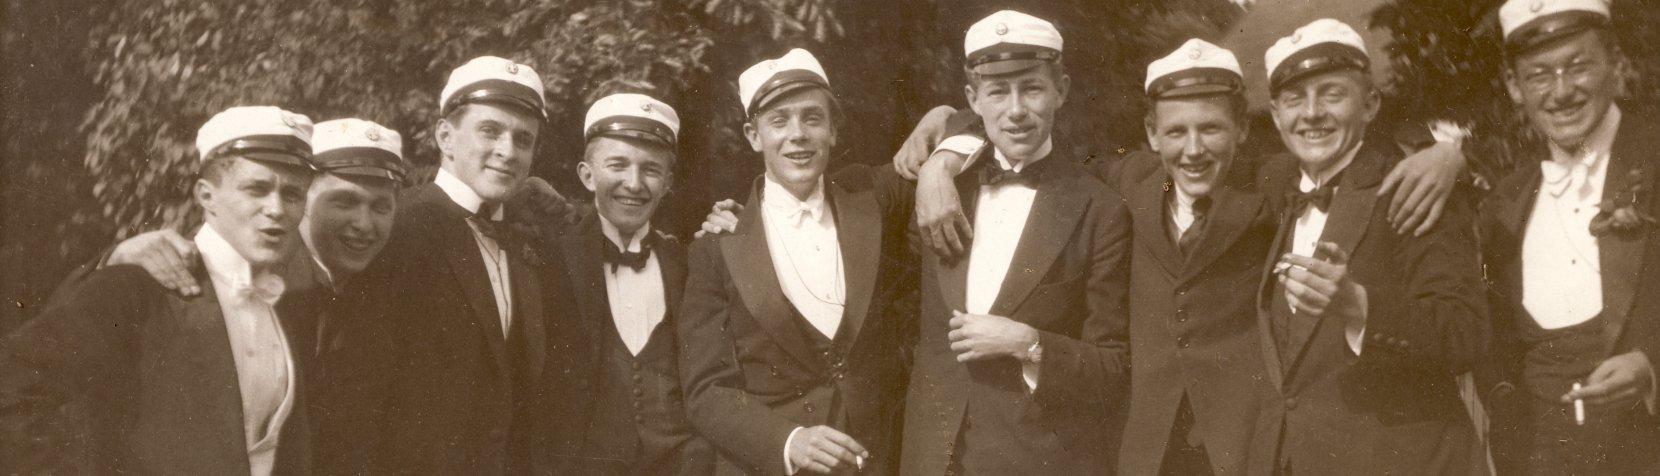 Studenter Birkerød 1920